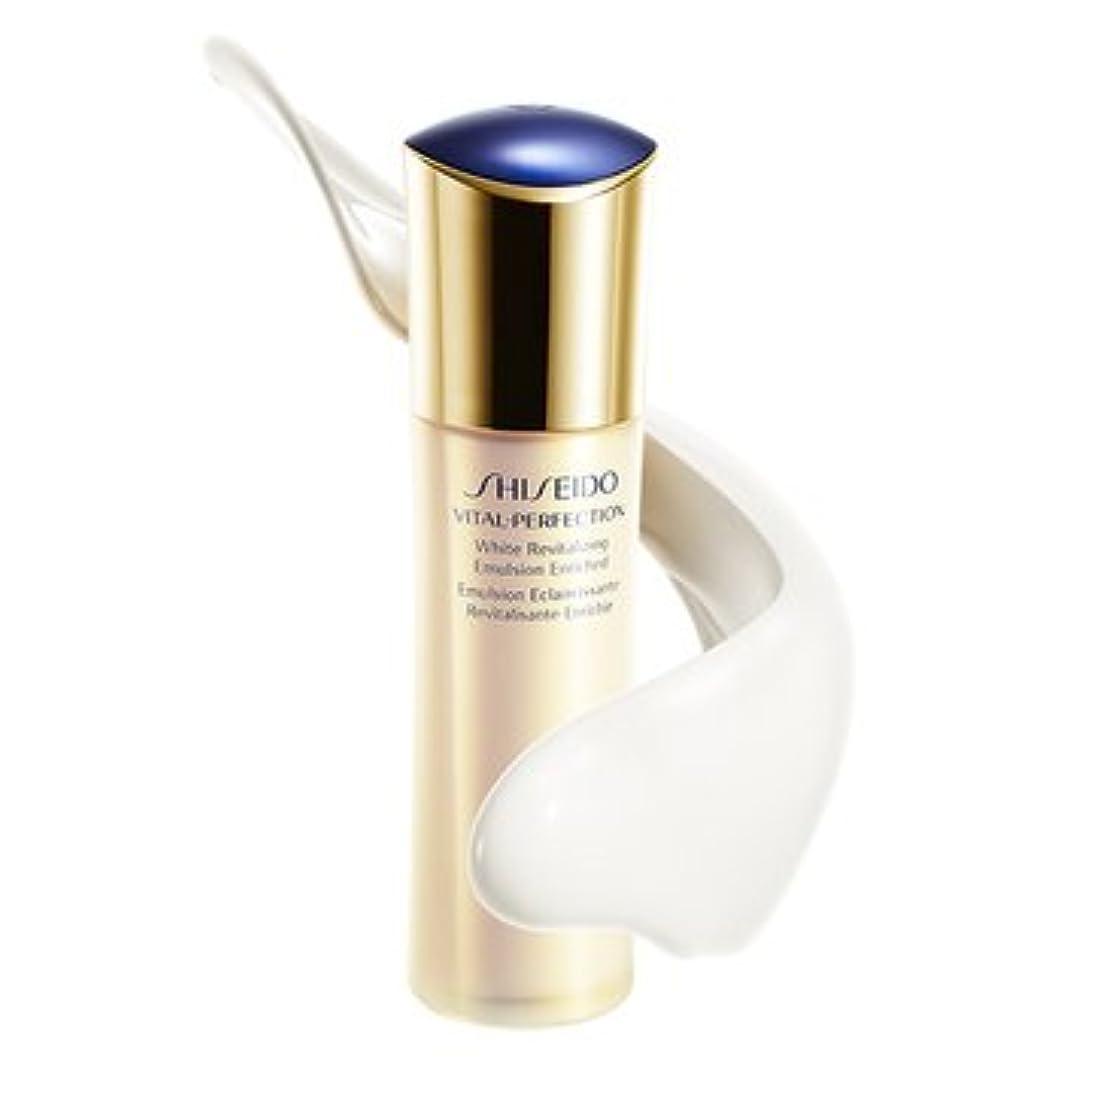 テーブル驚チラチラする資生堂/shiseido バイタルパーフェクション/VITAL-PERFECTION ホワイトRV エマルジョン(医薬部外品)美白乳液